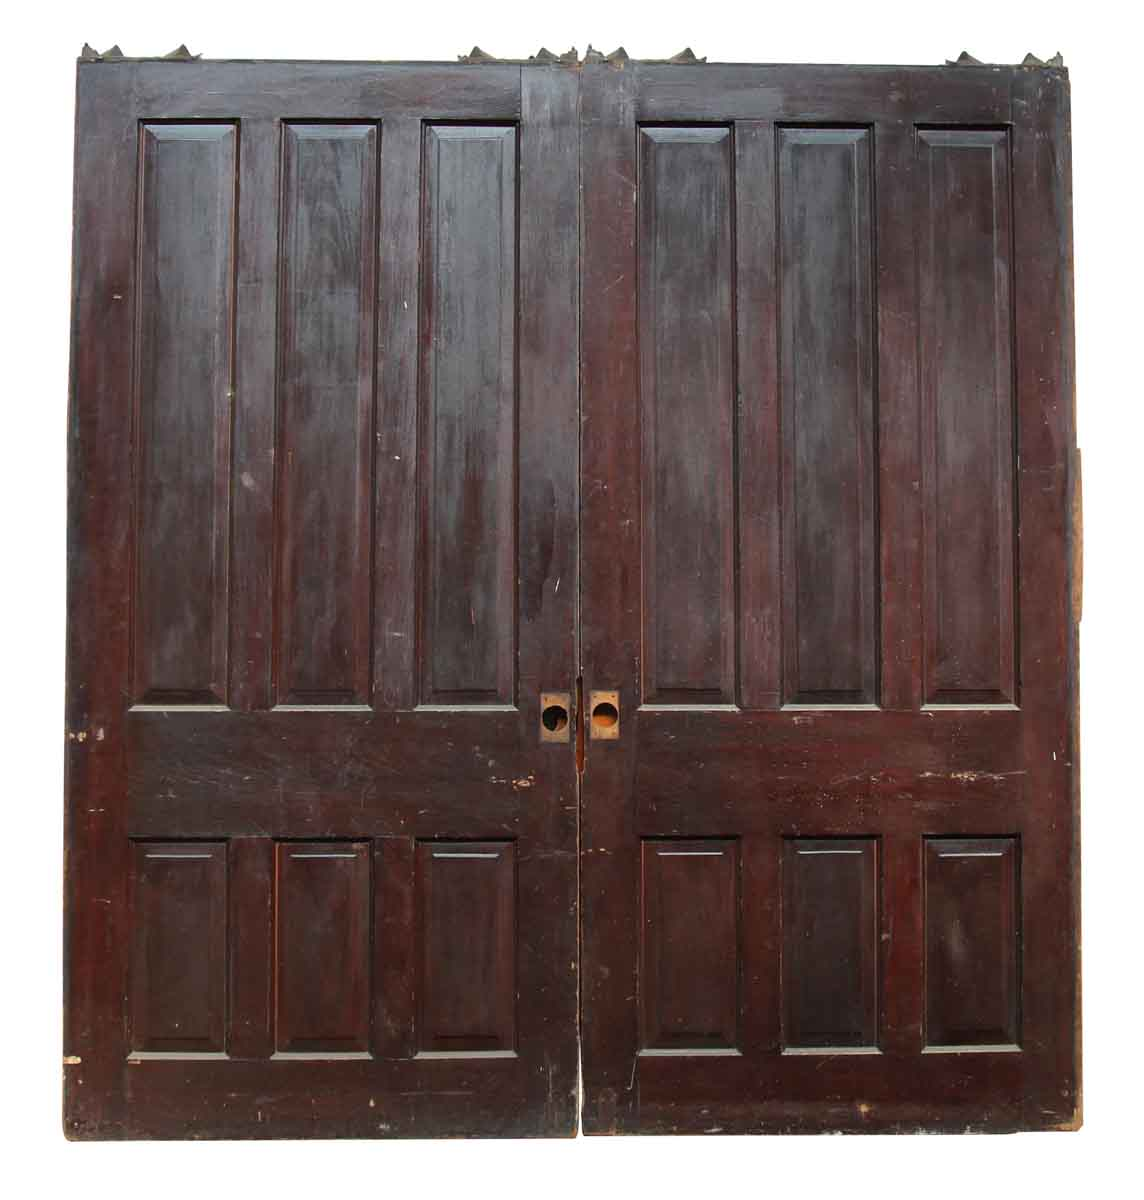 Pair of Large Double Pocket Doors | Olde Good Things